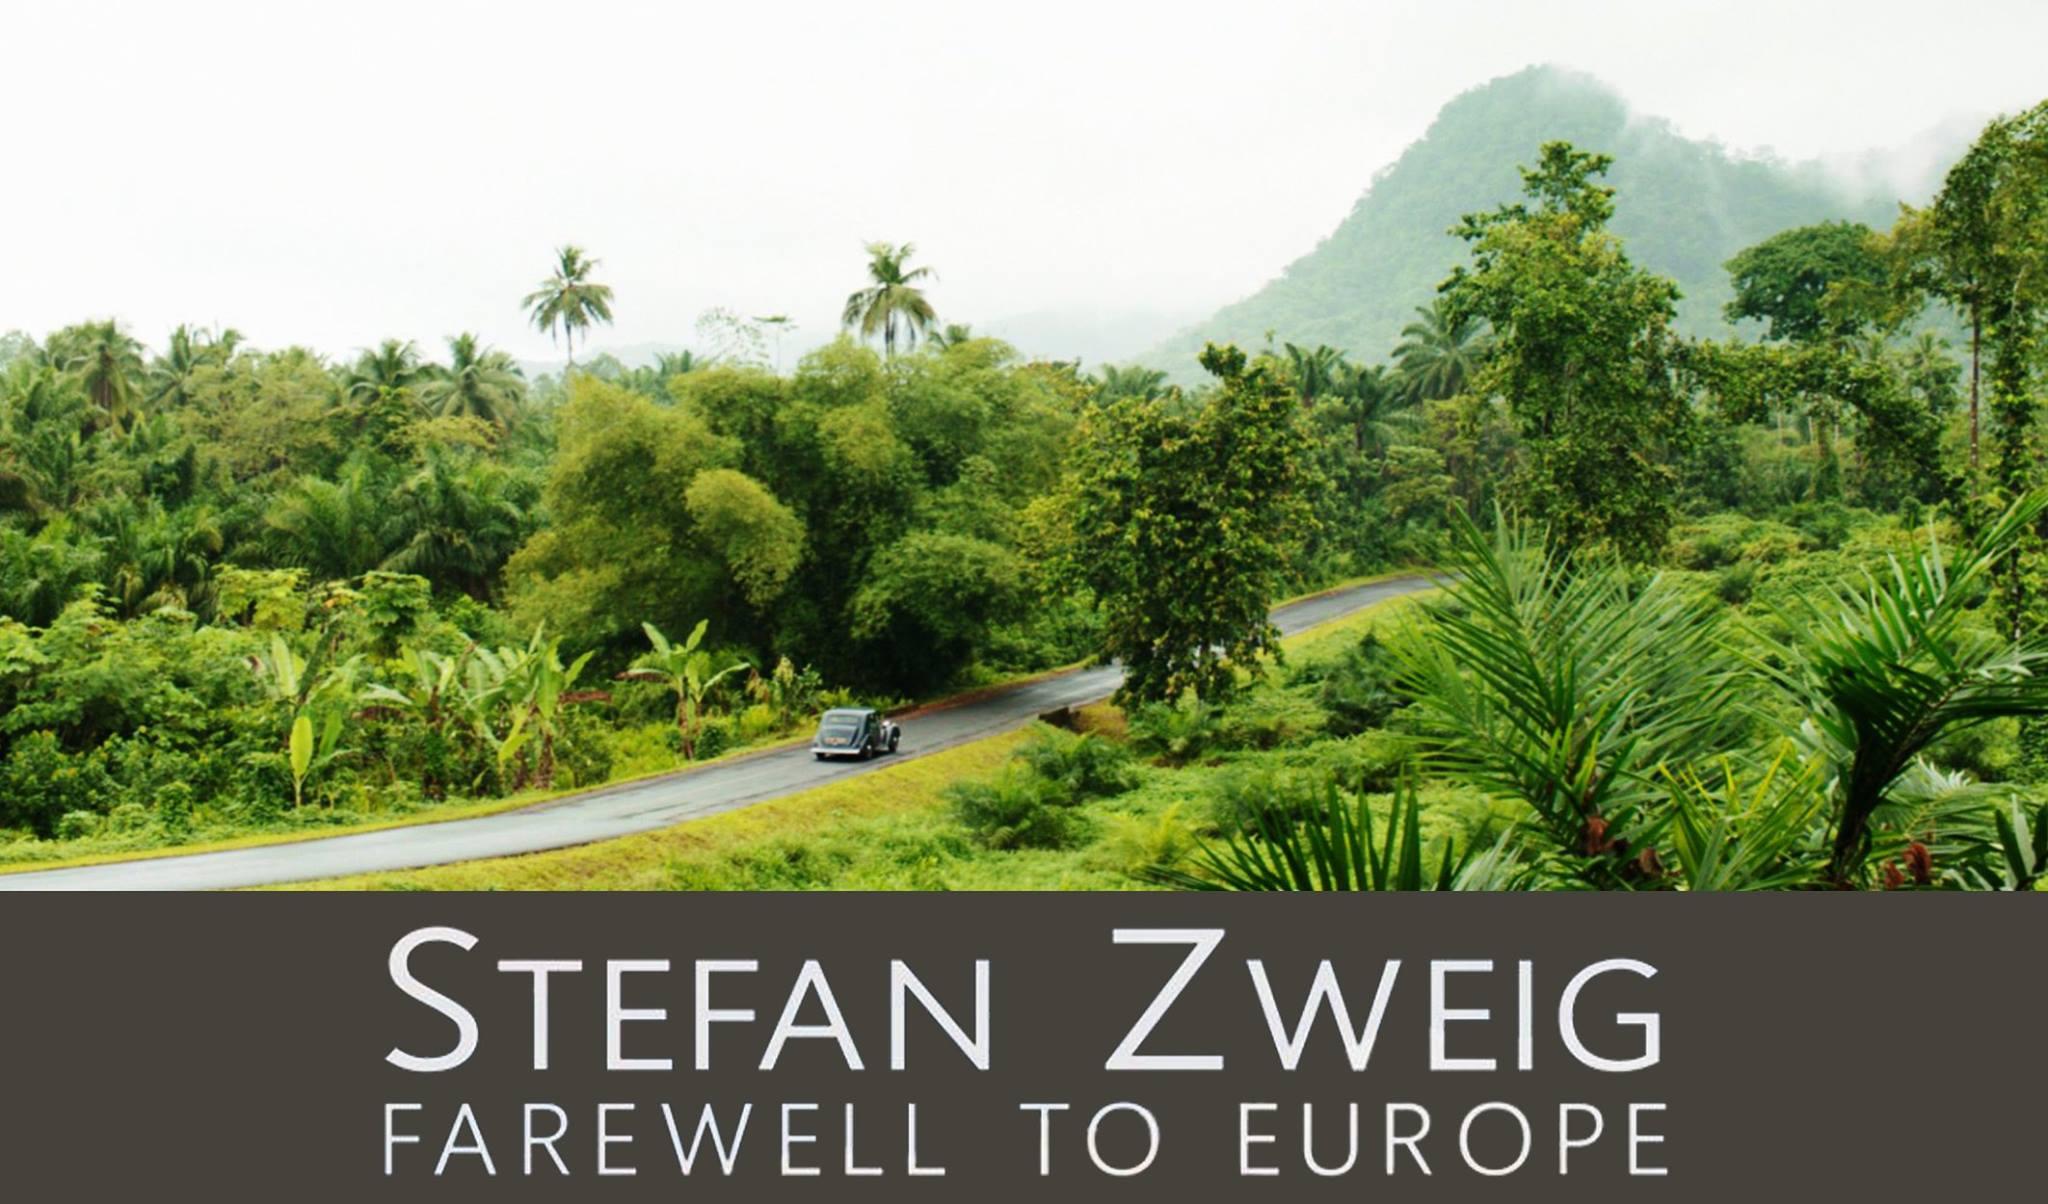 Stefan Zweig 2